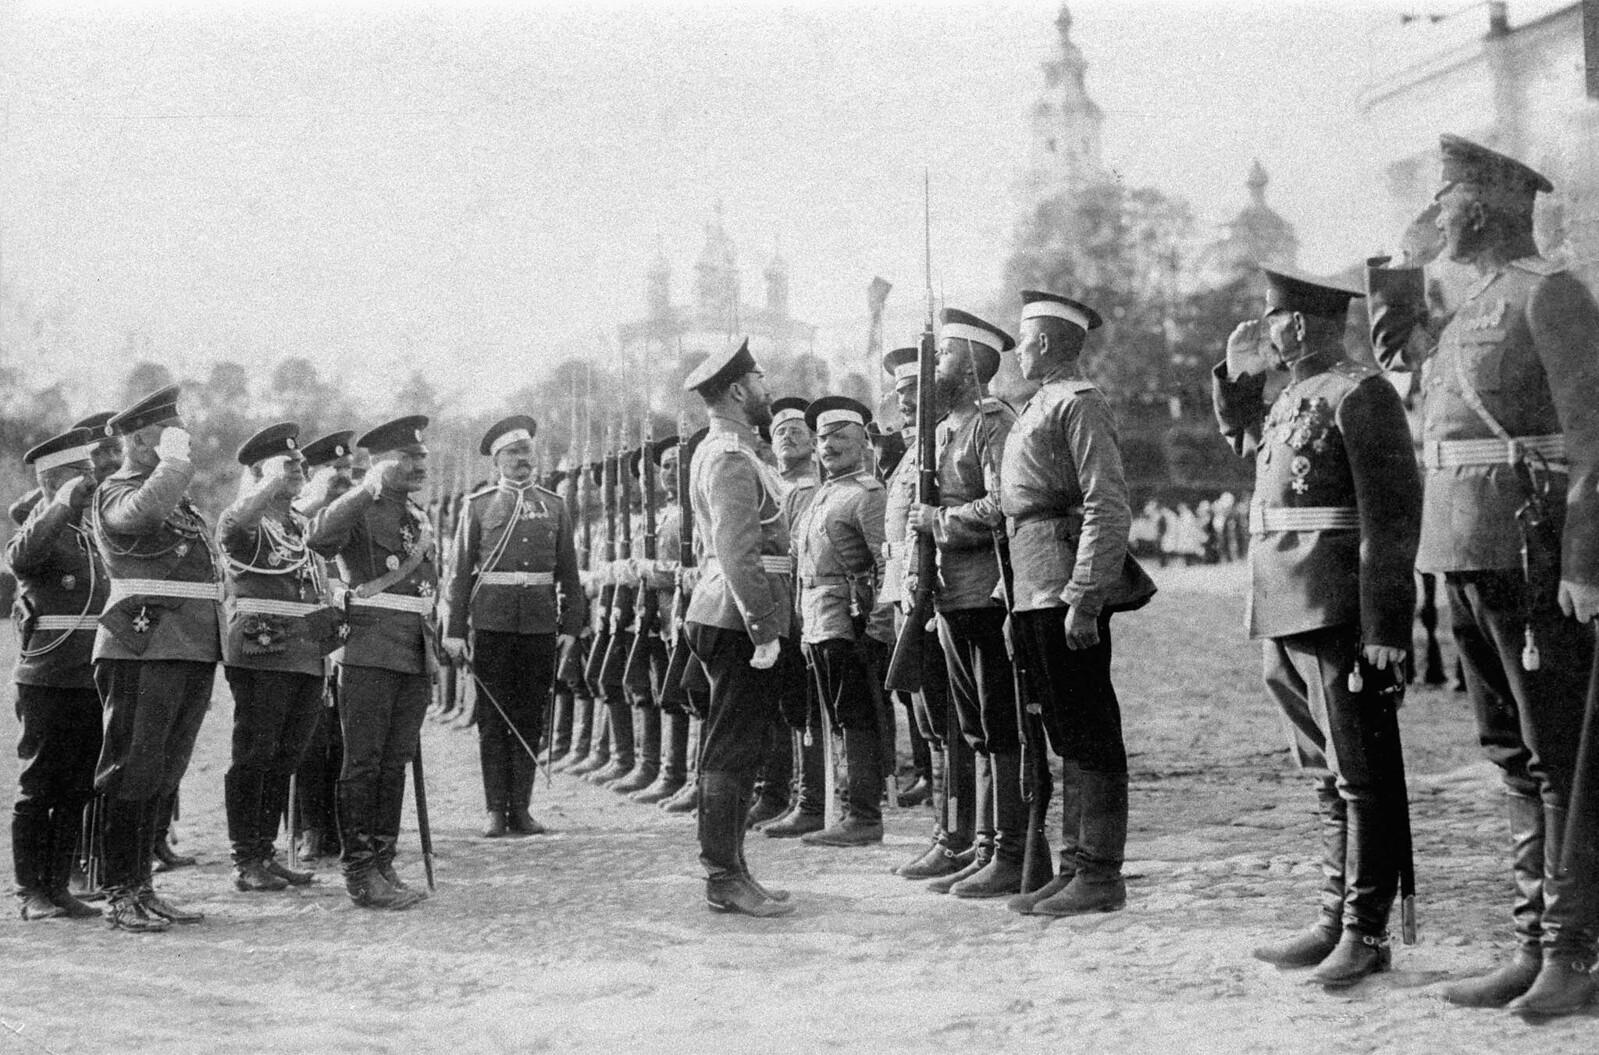 Его Императорское Величество обходит почетный караул от лейб-гвардейского Эриванского полка